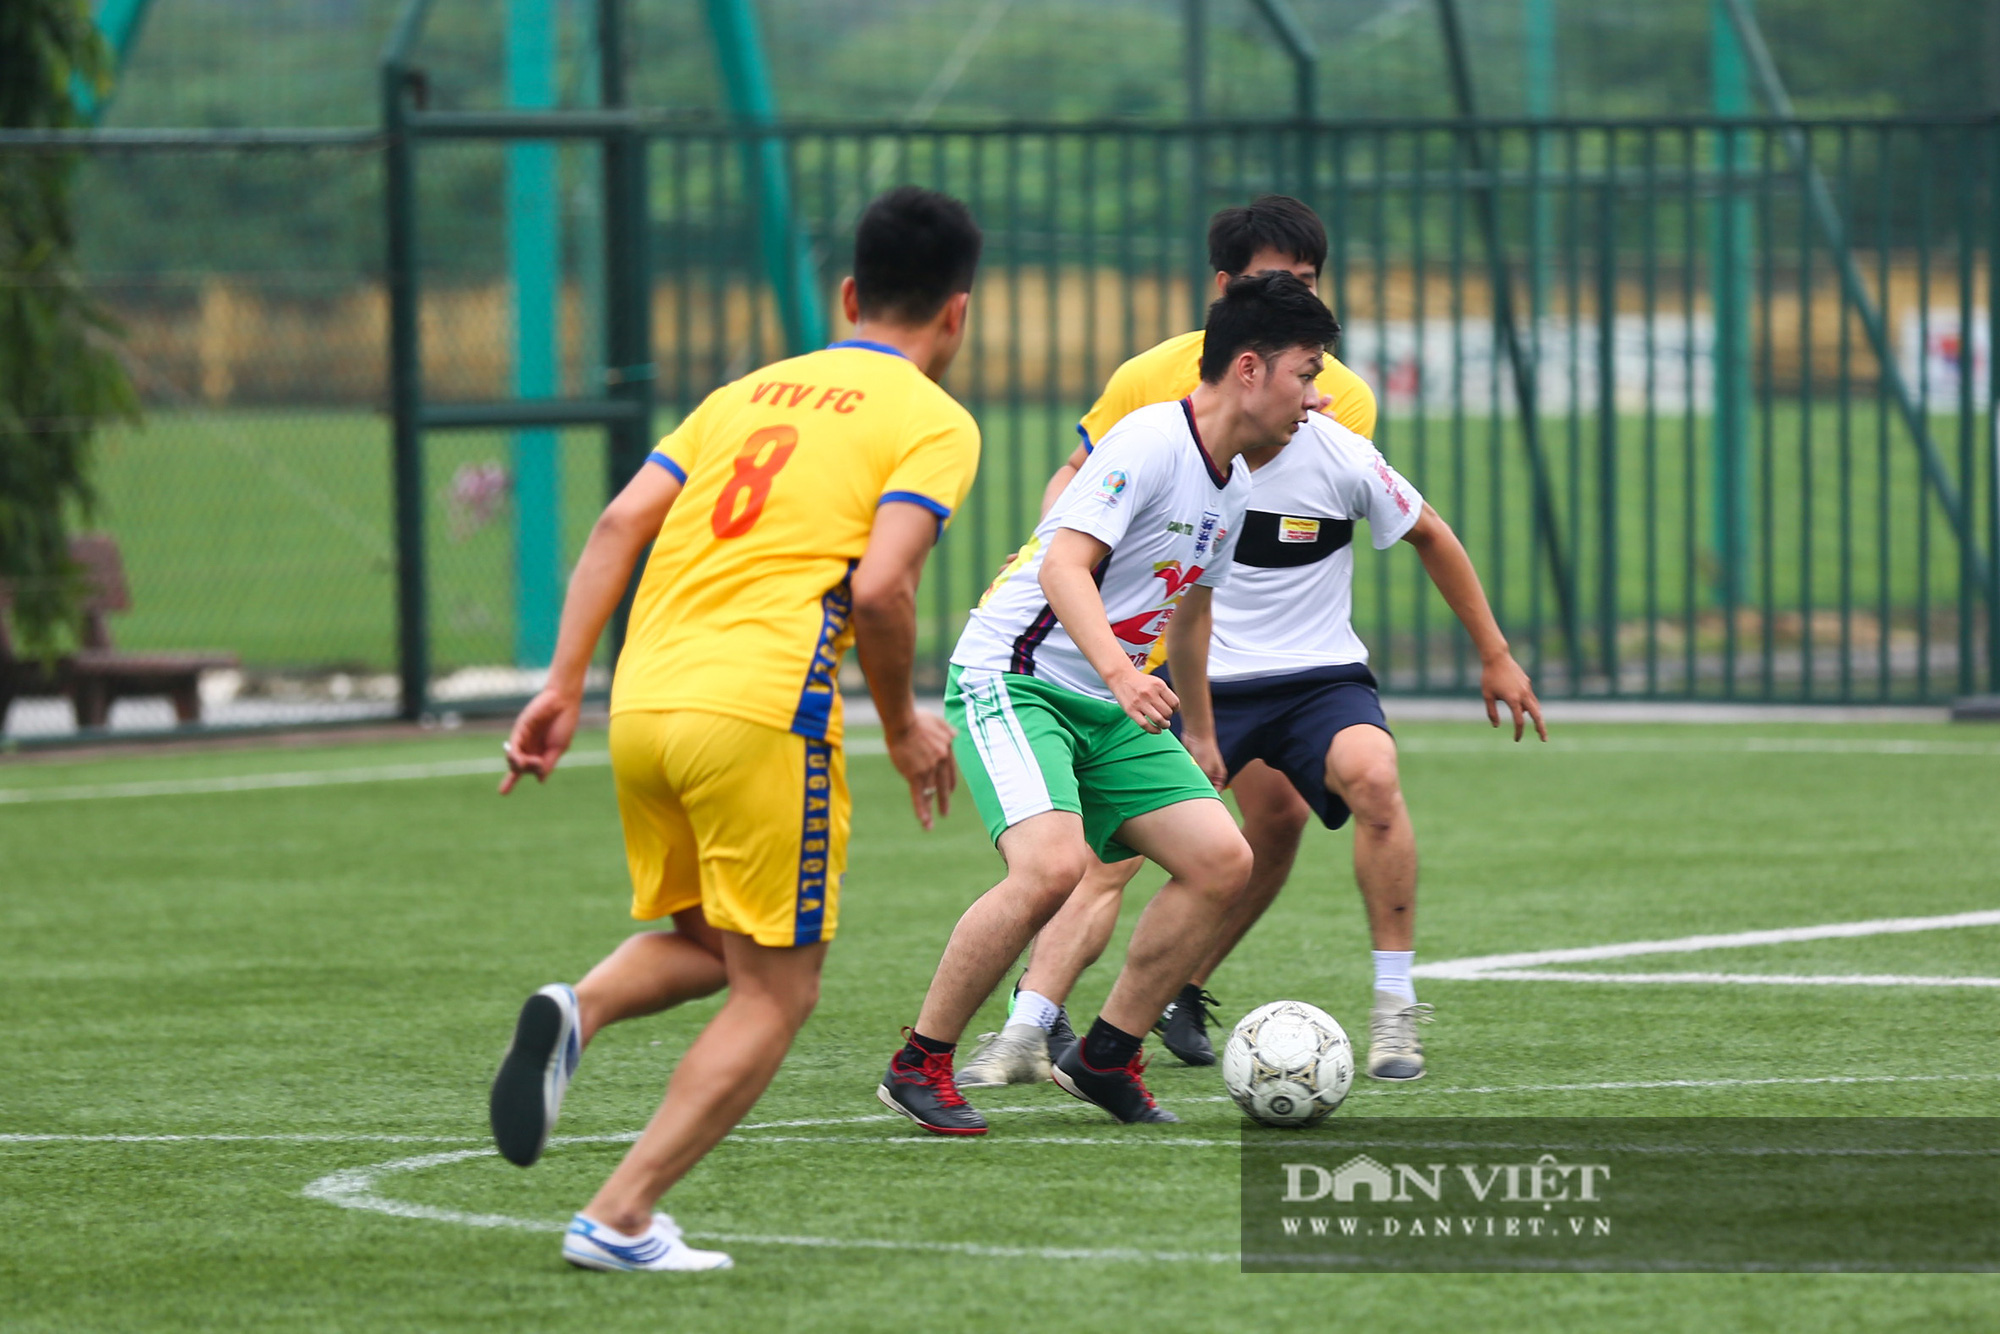 Khoảnh khắc lượt trận cuối cùng vòng bảng giải bóng đá báo NTNN/Dân Việt  - Ảnh 7.